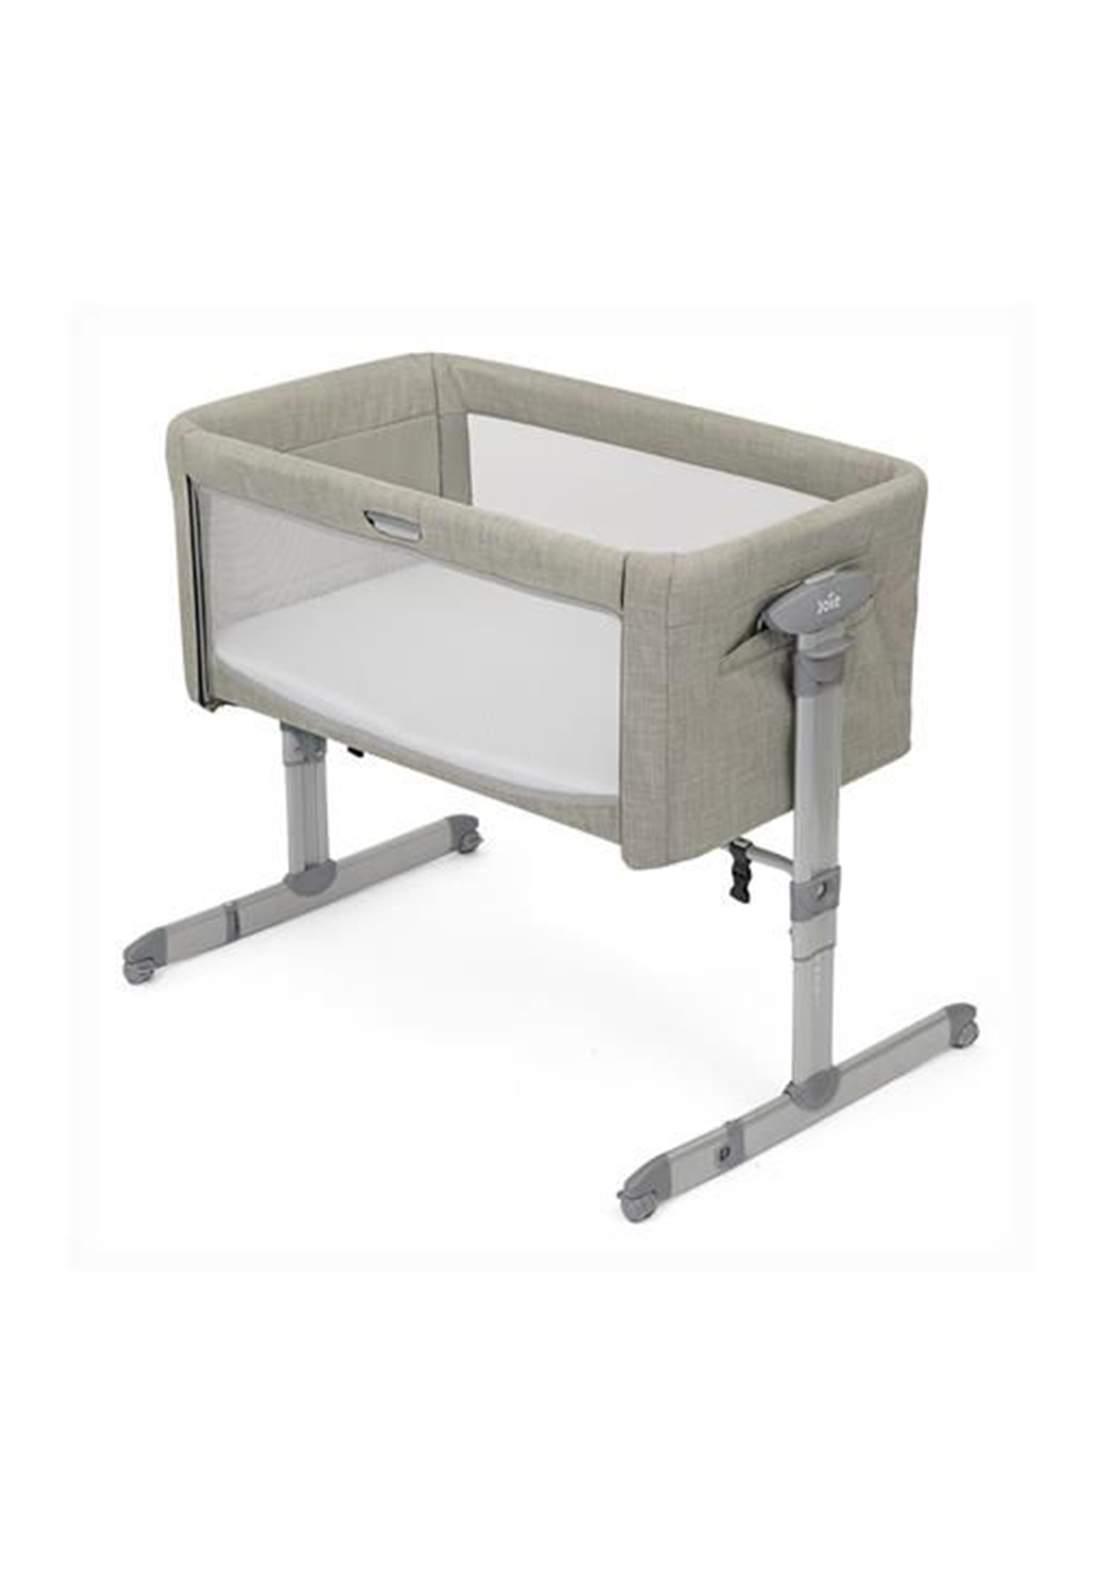 سرير نوم للاطفال Joie Baby P1814AAALM000 Roomie Glide Co-Sleeper Almond